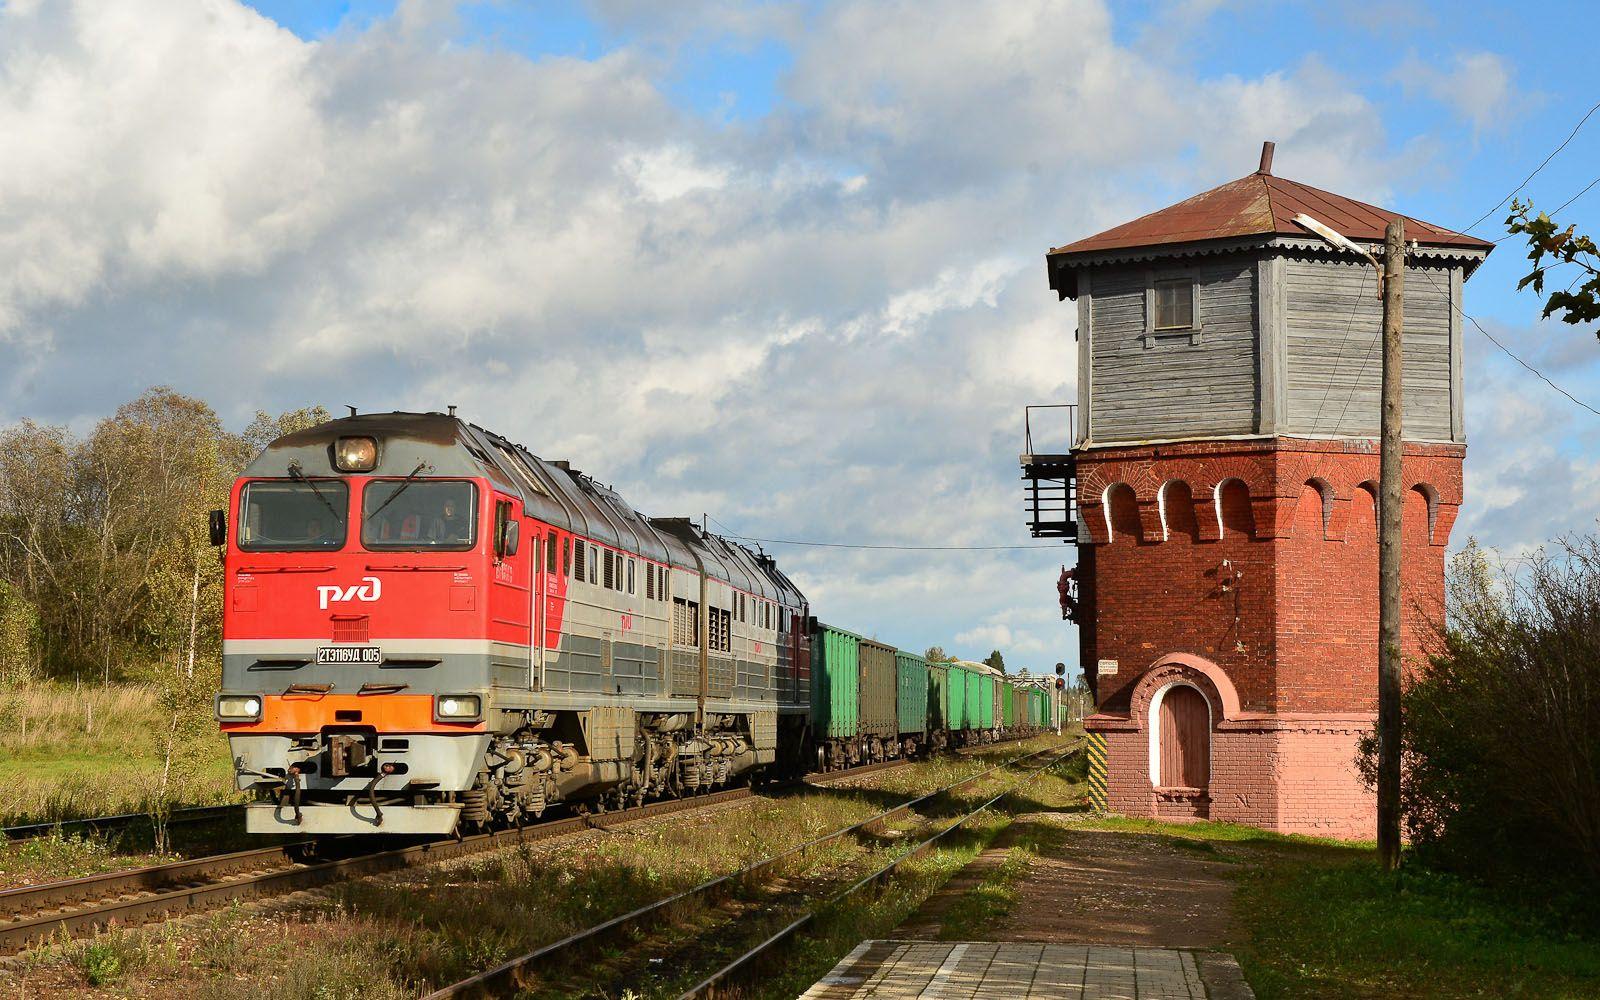 ©Foto: railmen Steffen Mann | Lok TE 116YA-005 (die neuesten Loks bei der РЖД) mit Güterzugdurchfahrt am Bahnhof MSTA | 27.09.2018